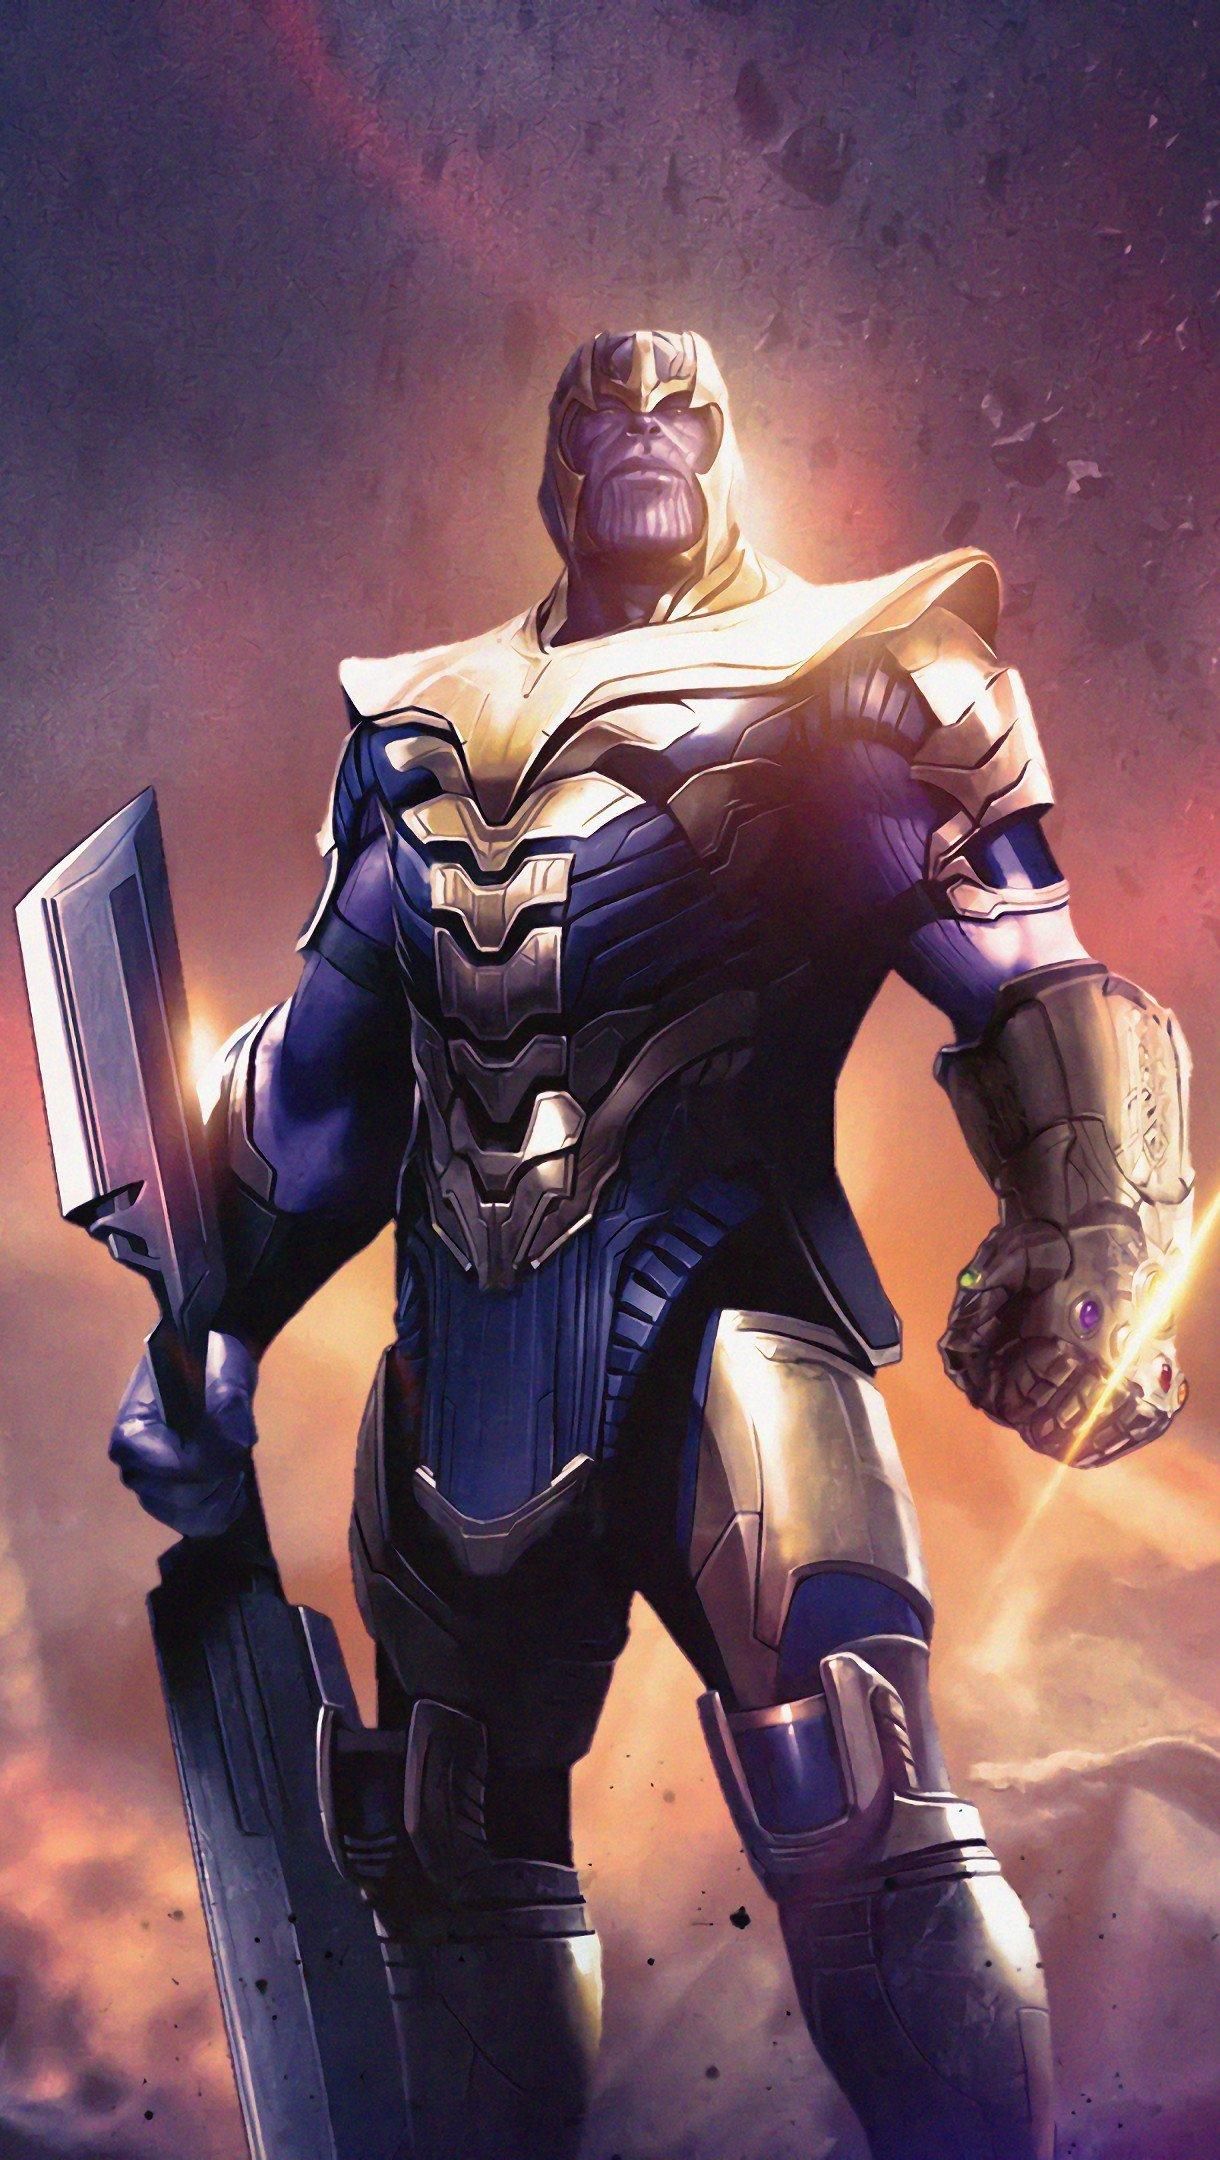 Fondos de pantalla Avengers: Endgame Thanos Weapon Vertical